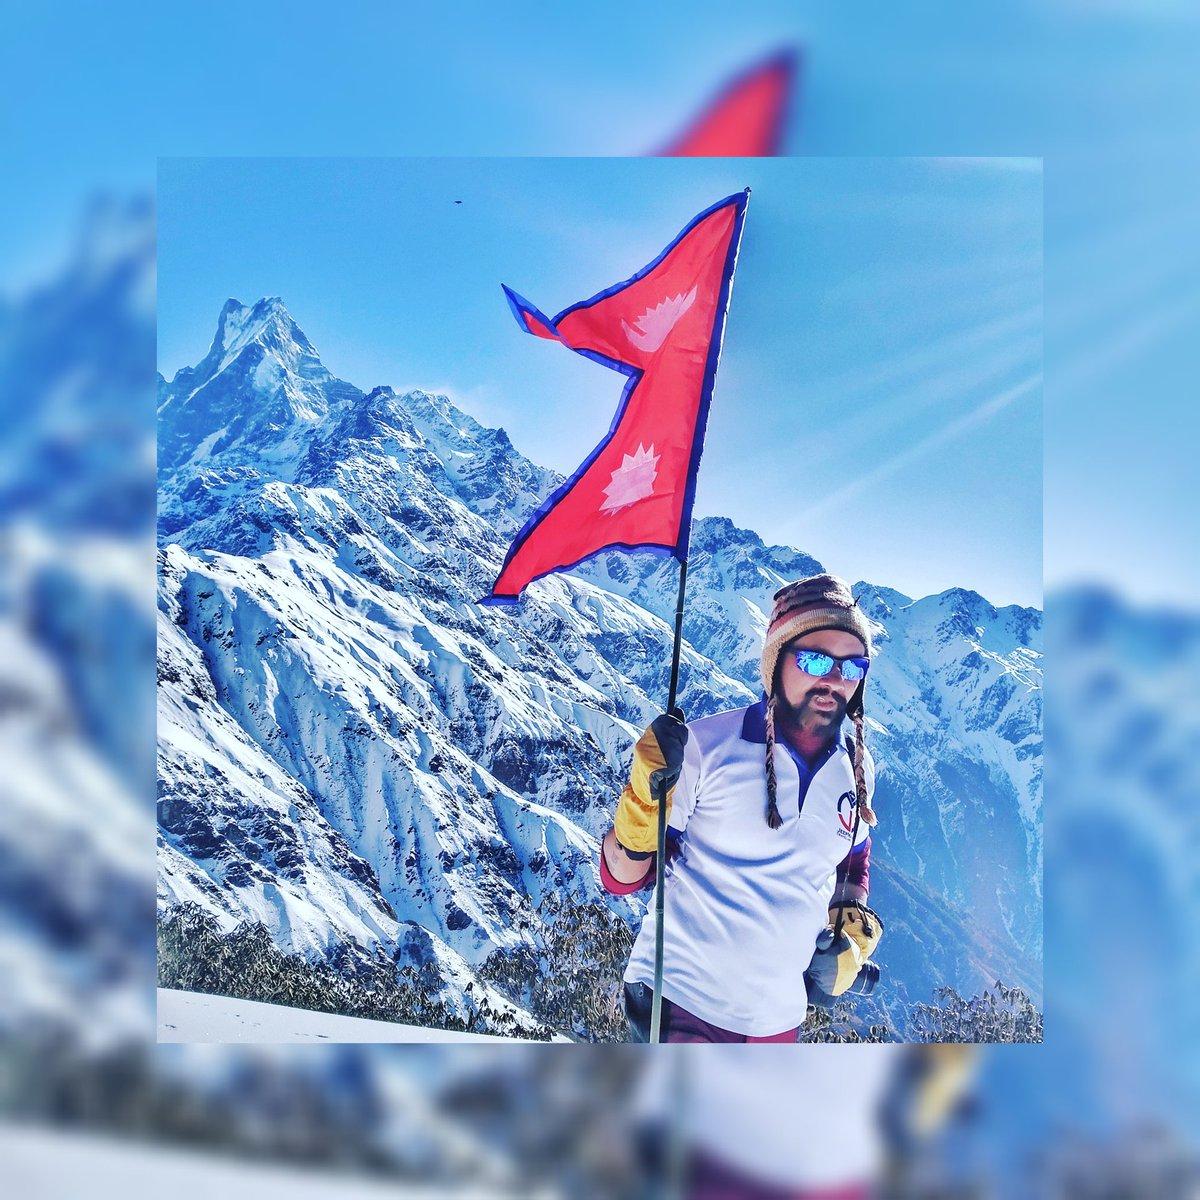 #machhapuchhre #annapurnacircuit #mardi #visitnepal  #trekkinginnepal #adventurenepal #nepaladventure #wownepal #discovernepal #explorenepal #mardihimal #mardihimalbasecamp #mardihimaltrek  #nepal8thwonder #nepalnow #traveldairies #intothewild #nature  #naturephotography. pic.twitter.com/1Vpd0jbAn8